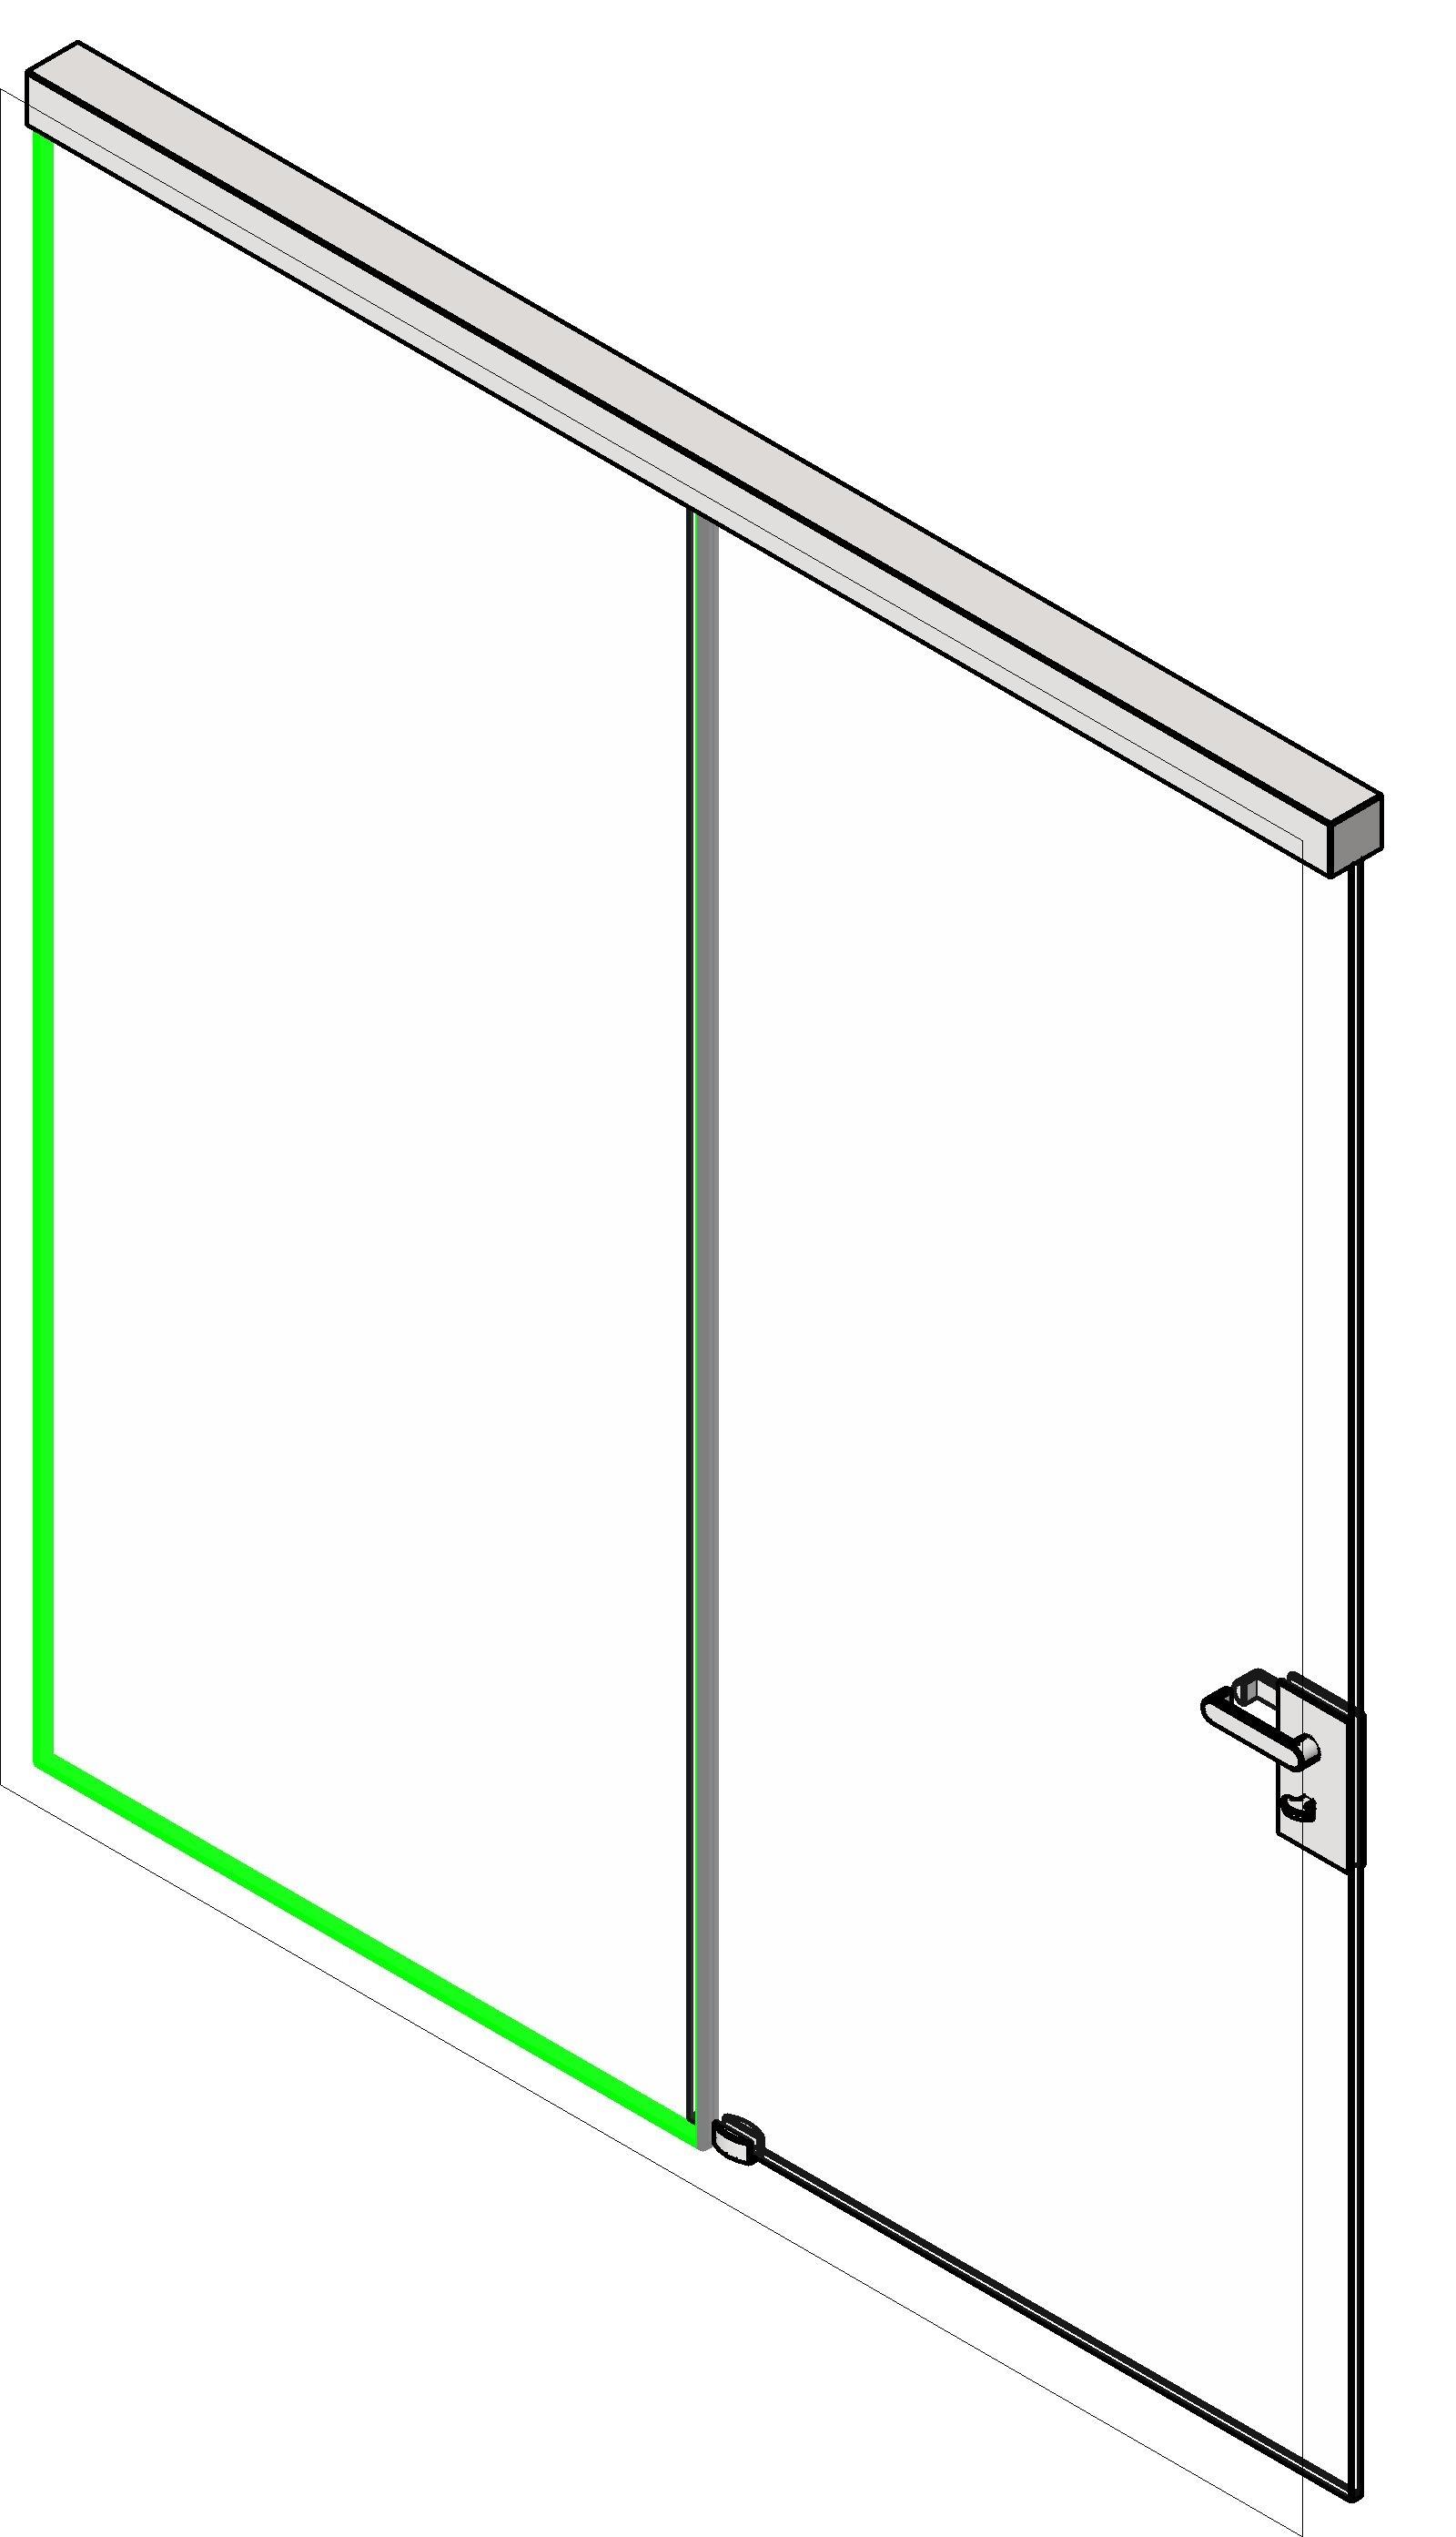 Single Panel Sliding Door Revit  sc 1 st  Sliding Doors & Single Panel Sliding Door Revit | Sliding Doors